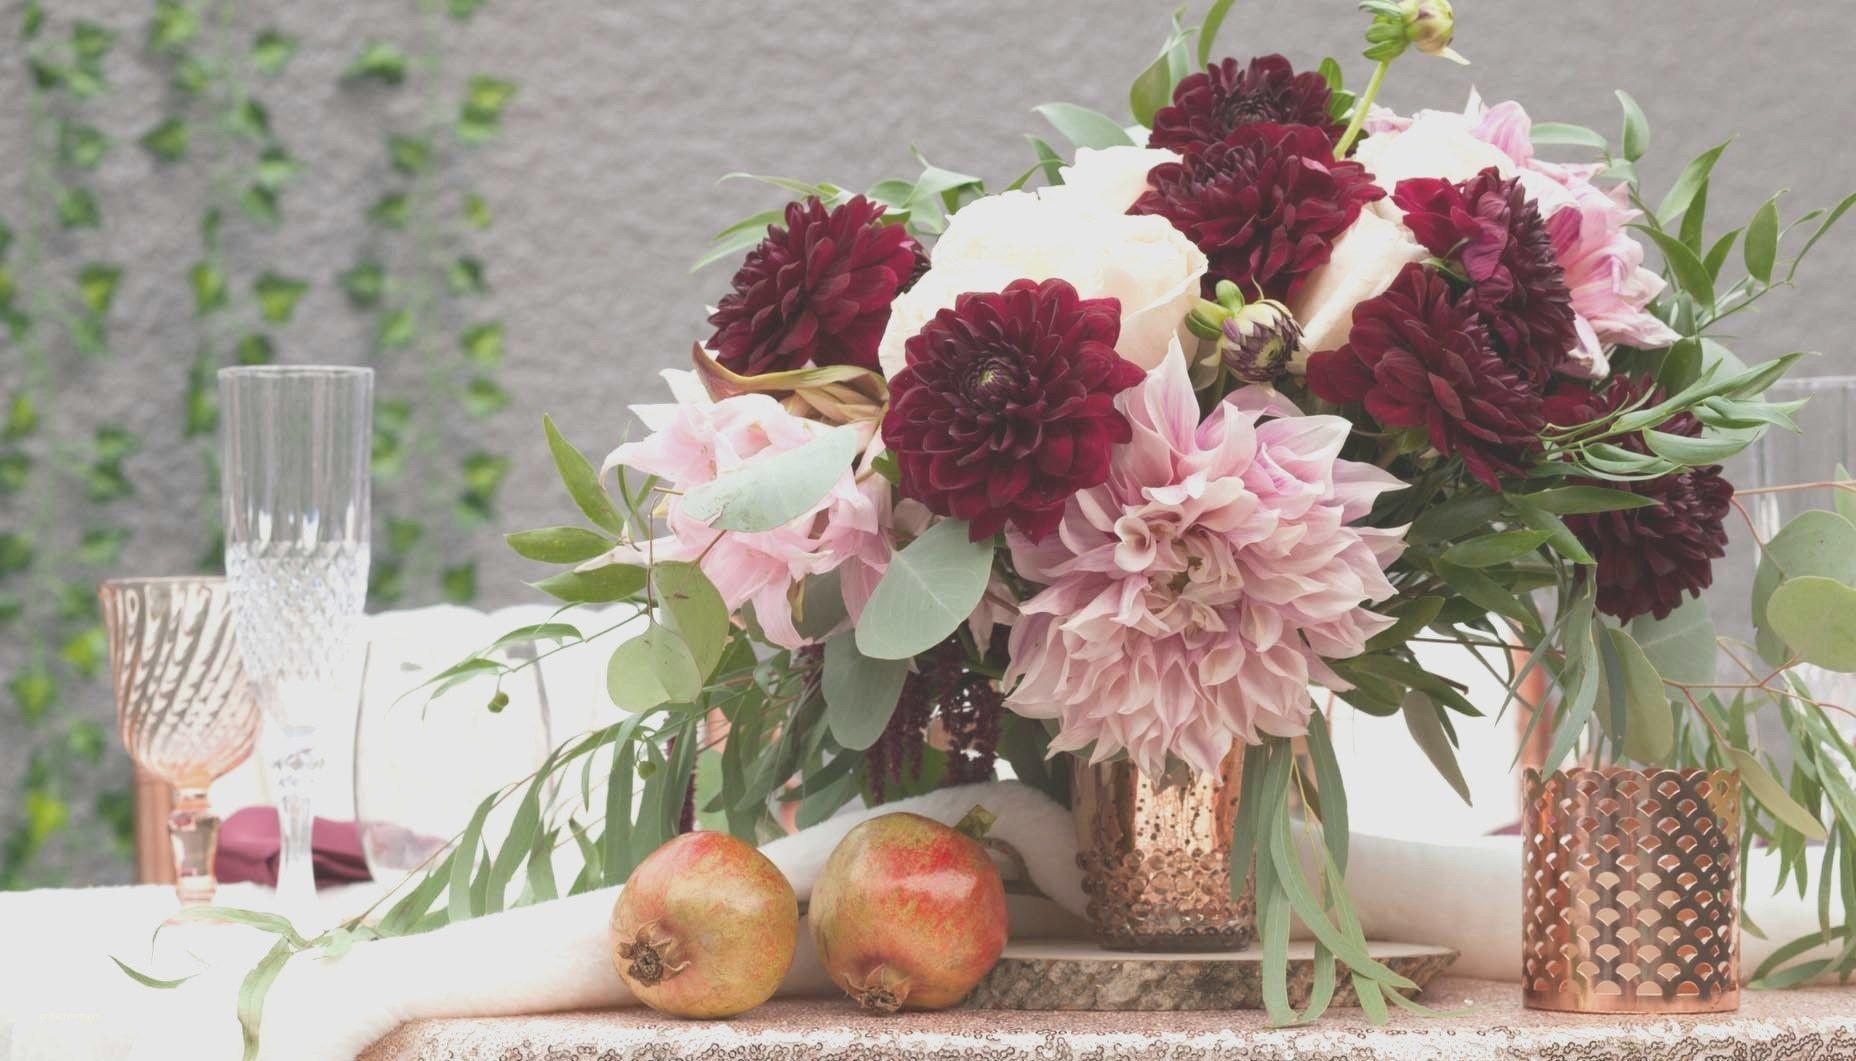 Burgandy bouquet wedding new burgandy bouquet wedding